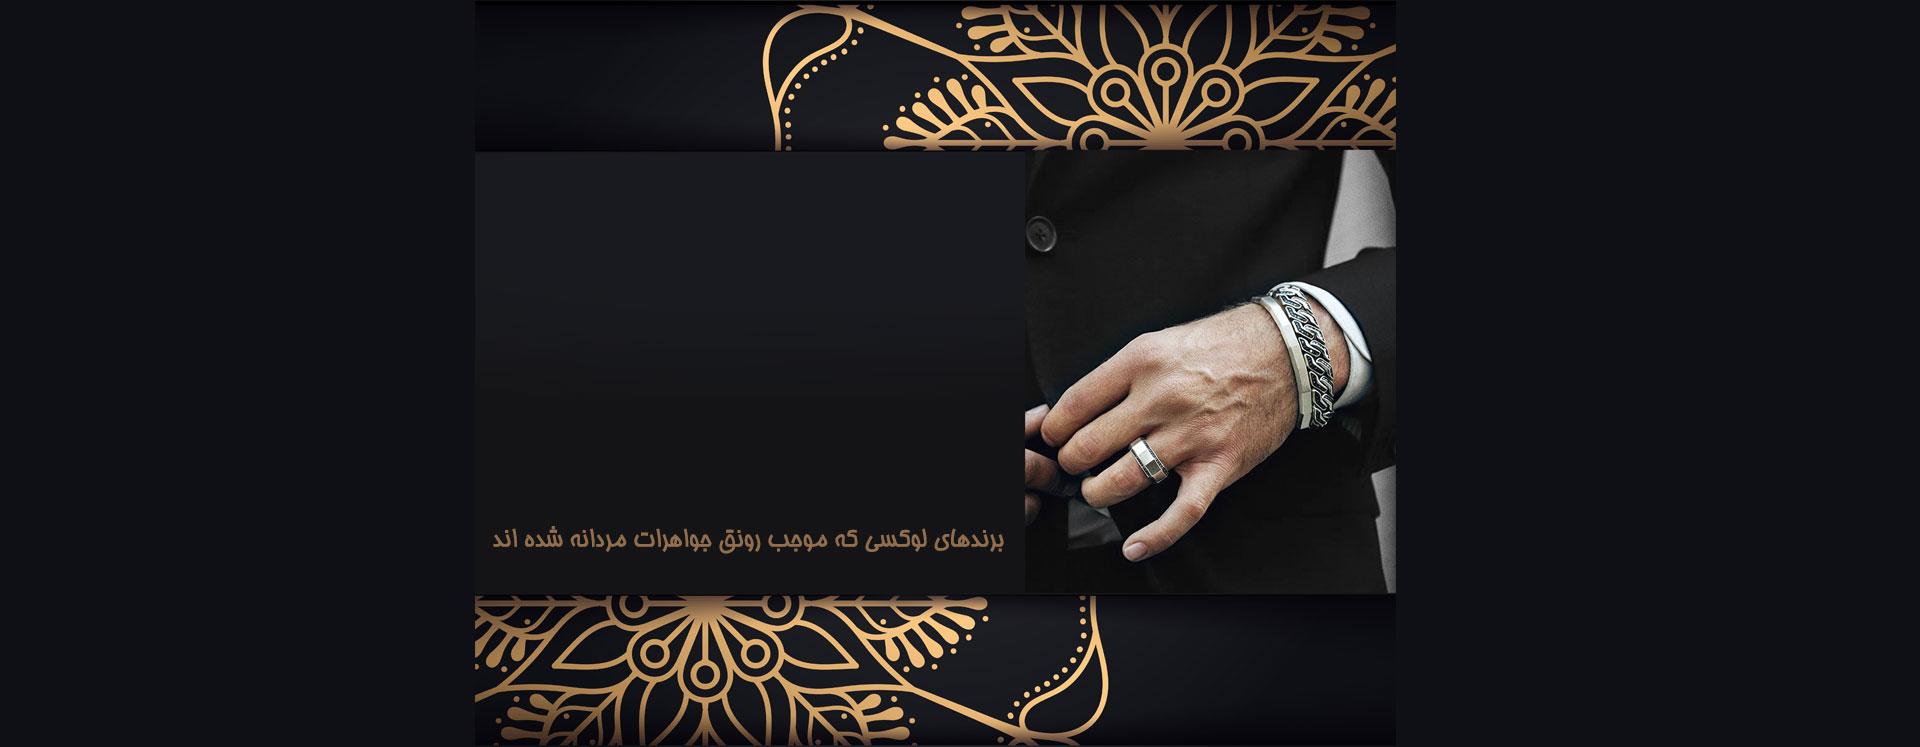 men's jewellery2 - برندهای لوکسی که موجب رونق جواهرات مردانه شده اند